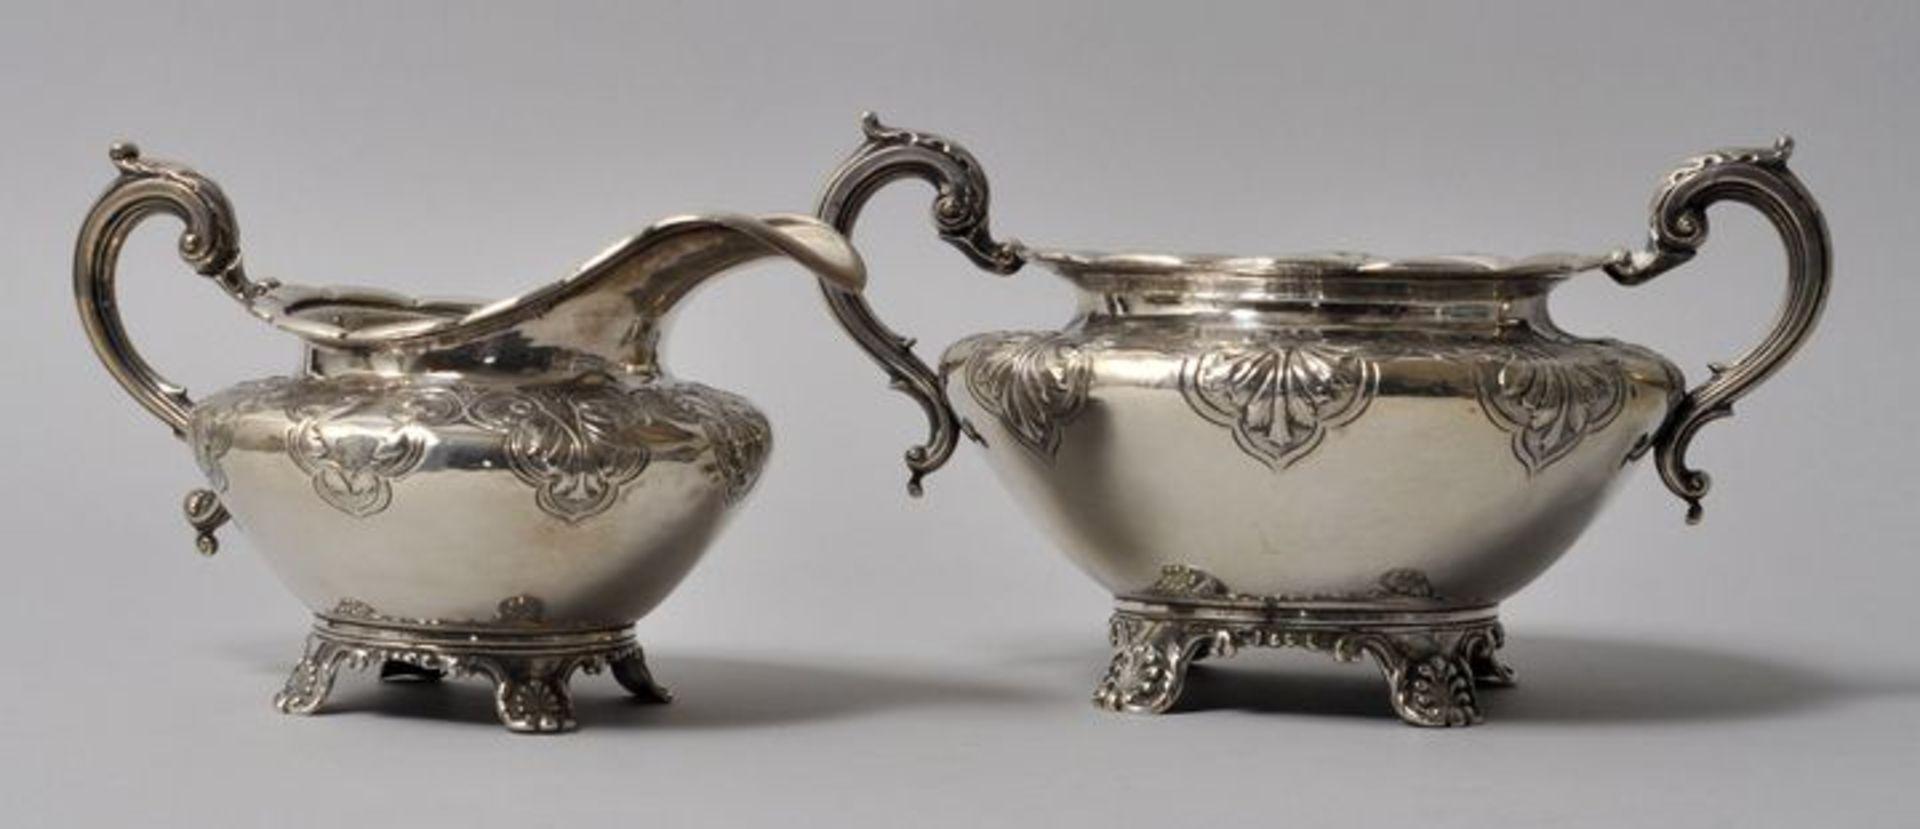 Los 55 - Zuckerschale und Milch-oder Sahnekännchen, London, ca. 1834Silber 925. Gefäßinnenwandungen...